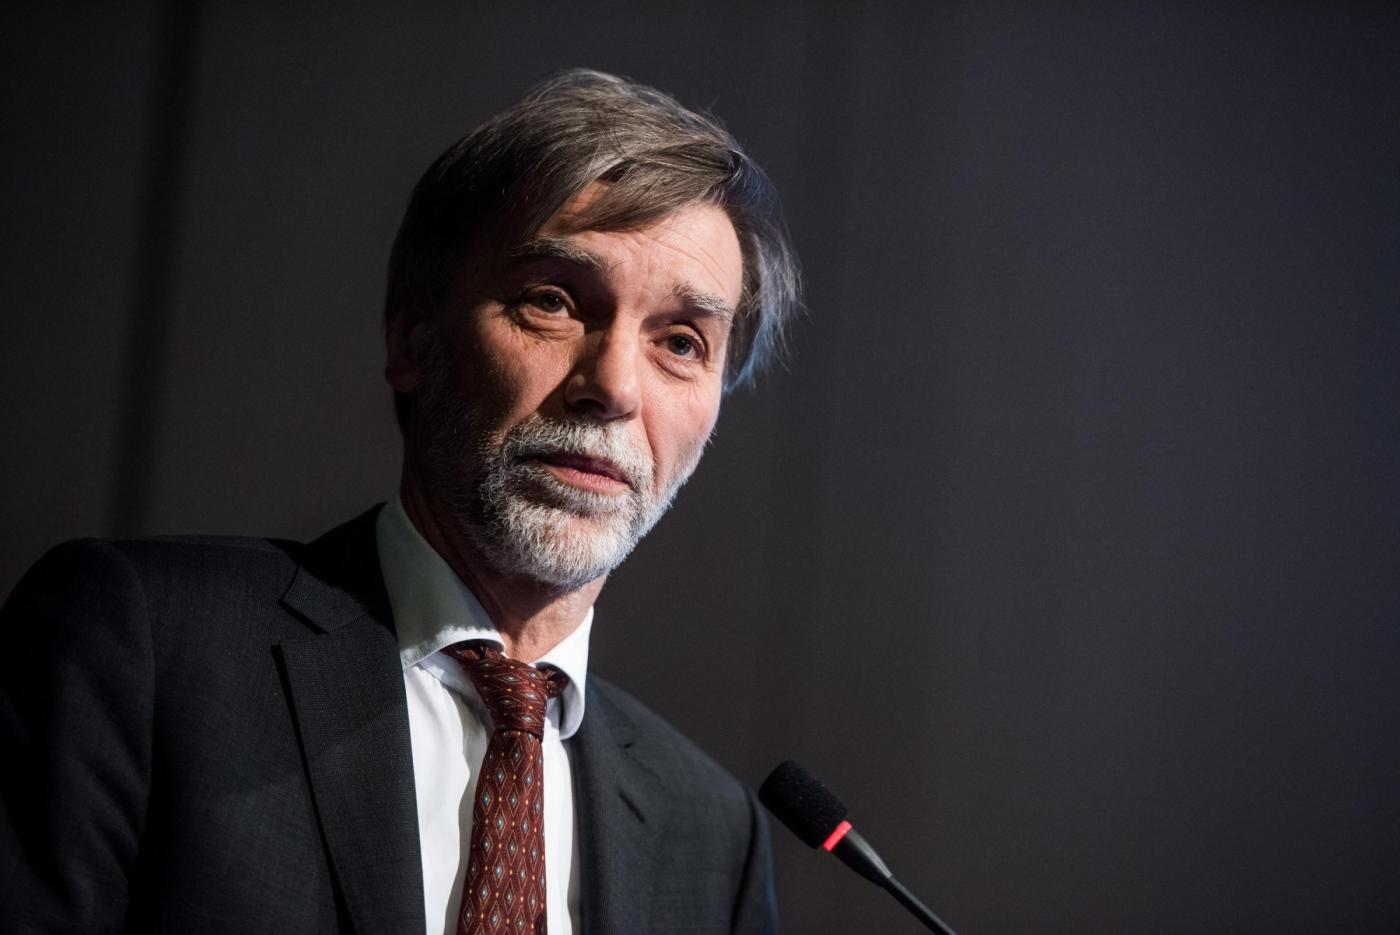 Ministro Delrio sotto attacco: 'Falsi dossier contro di me: mai ceduto ai ricatti'